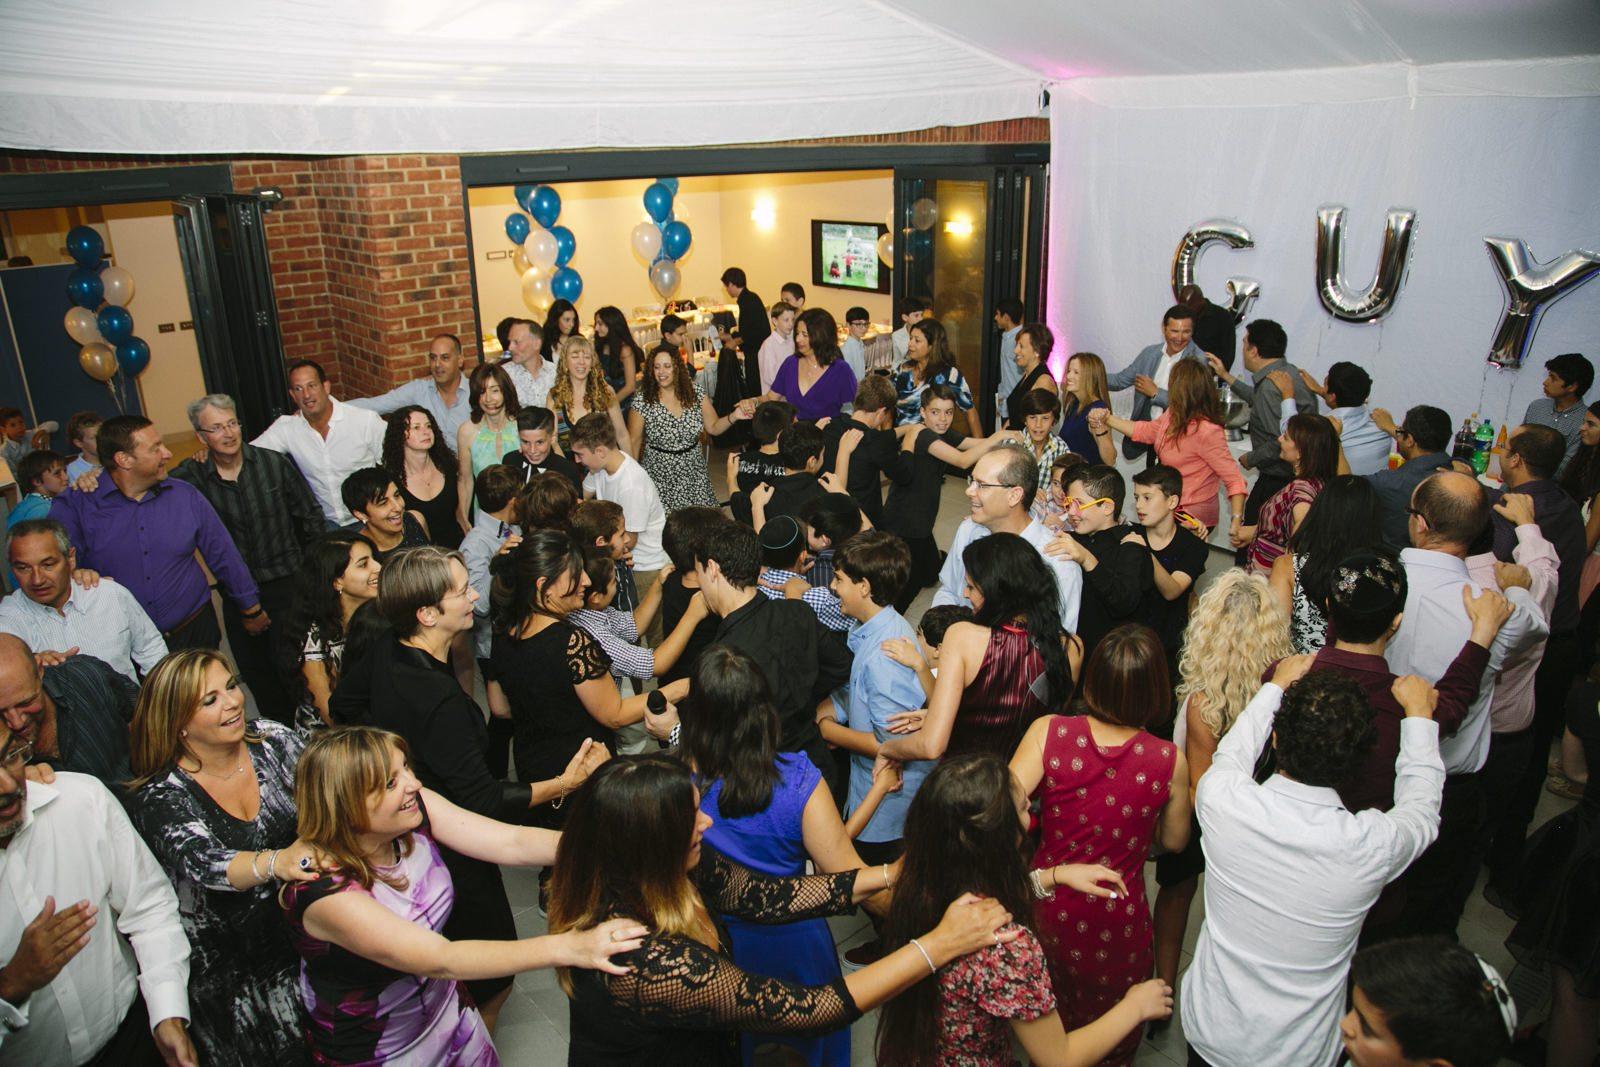 cambridge-event-party-2017-io-004